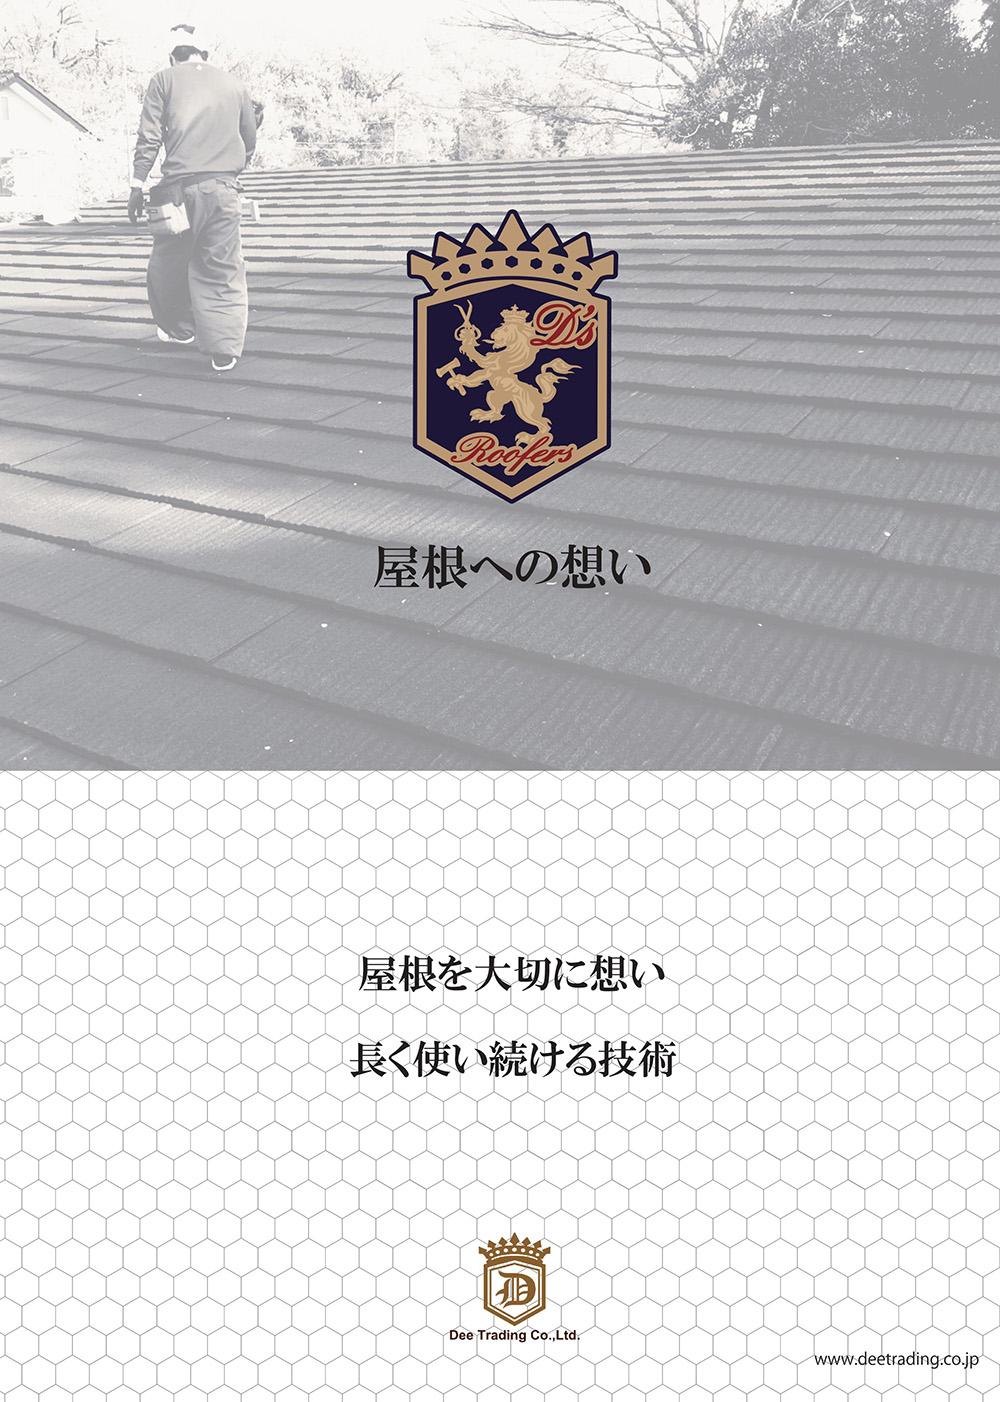 ポスターモデル賞 尾崎板金工業所